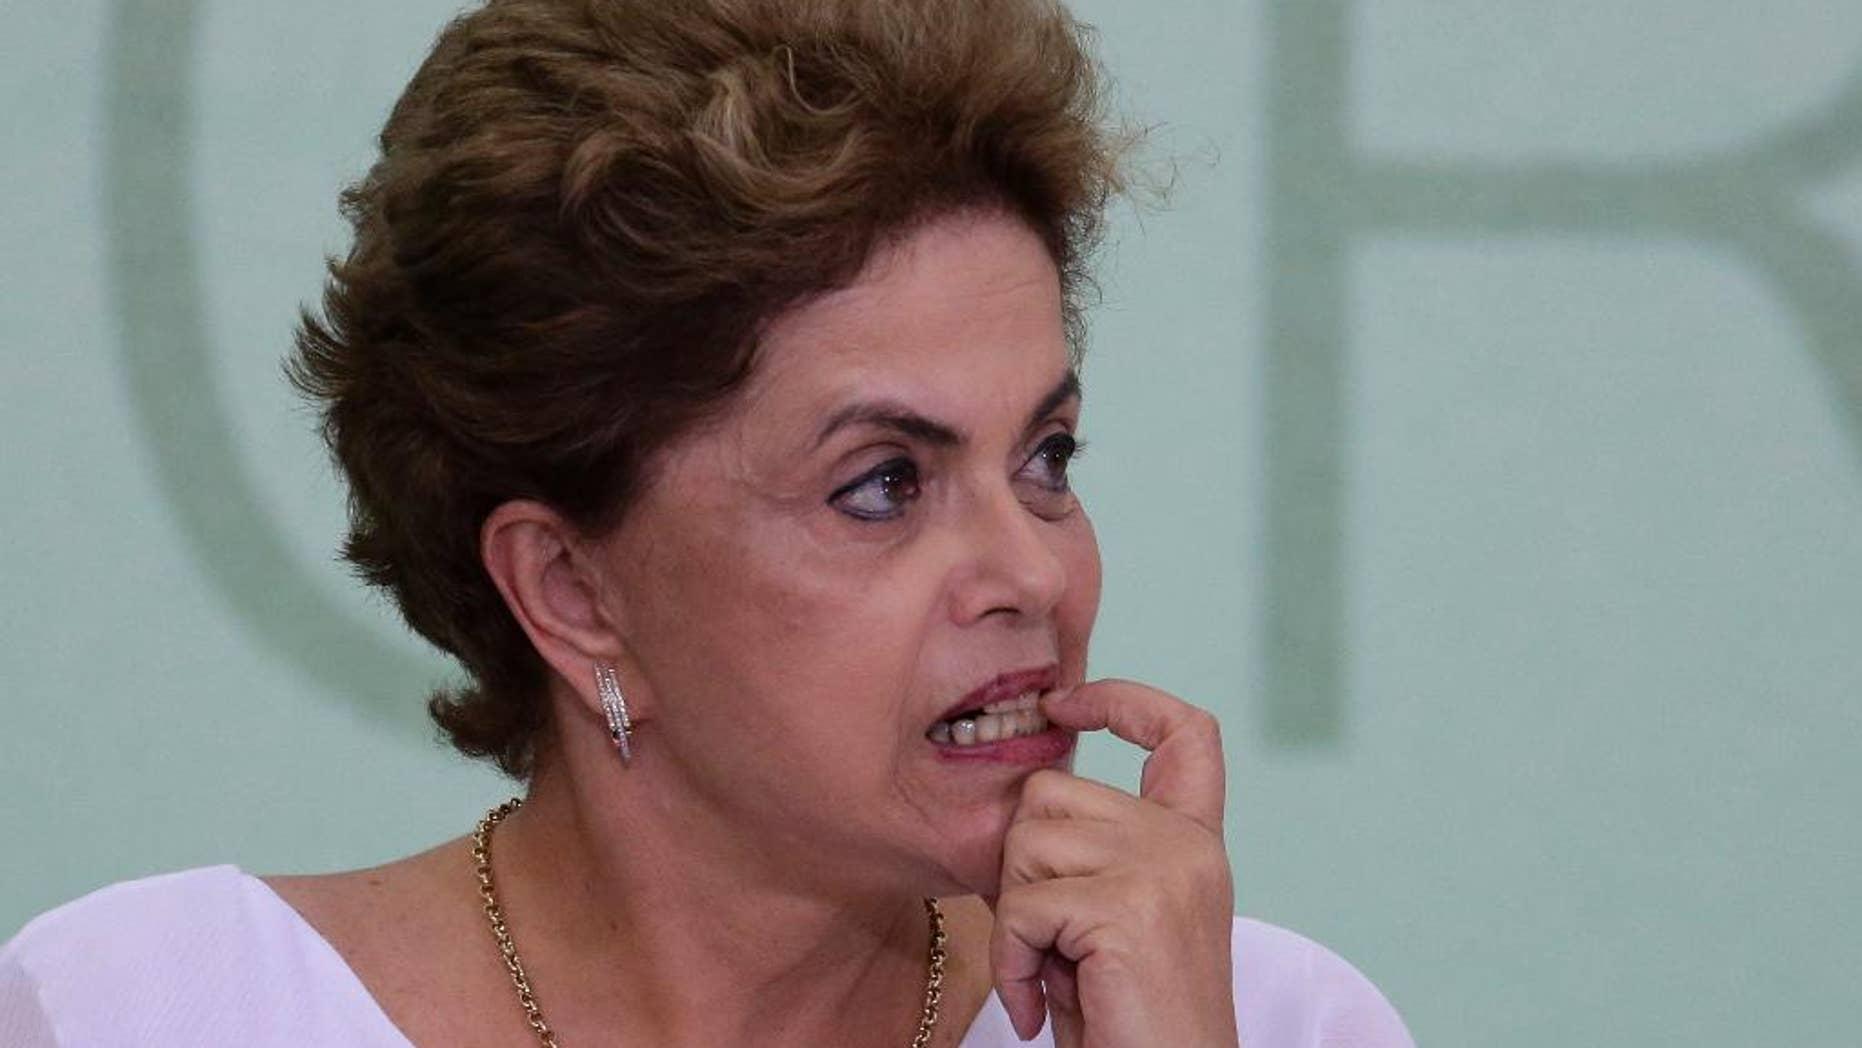 En esta imagen del viernes 1 de abril de 2016, la presidenta de Brasil, Dilma Rousseff, se muerde una uña durante una ceremonia de firma de acuerdos de reforma de tierras en el palacio presidencial de Planalto, en Brasilia. Rousseff, que lucha contra la peor recesión que sufre brasil en décadas y un escándalo de corrupción que ha implicado a miembros de su círculo más cercano, afronta un proceso de juicio político por acusaciones de que incumplió las leyes fiscales. (AP Foto/Eraldo Peres)